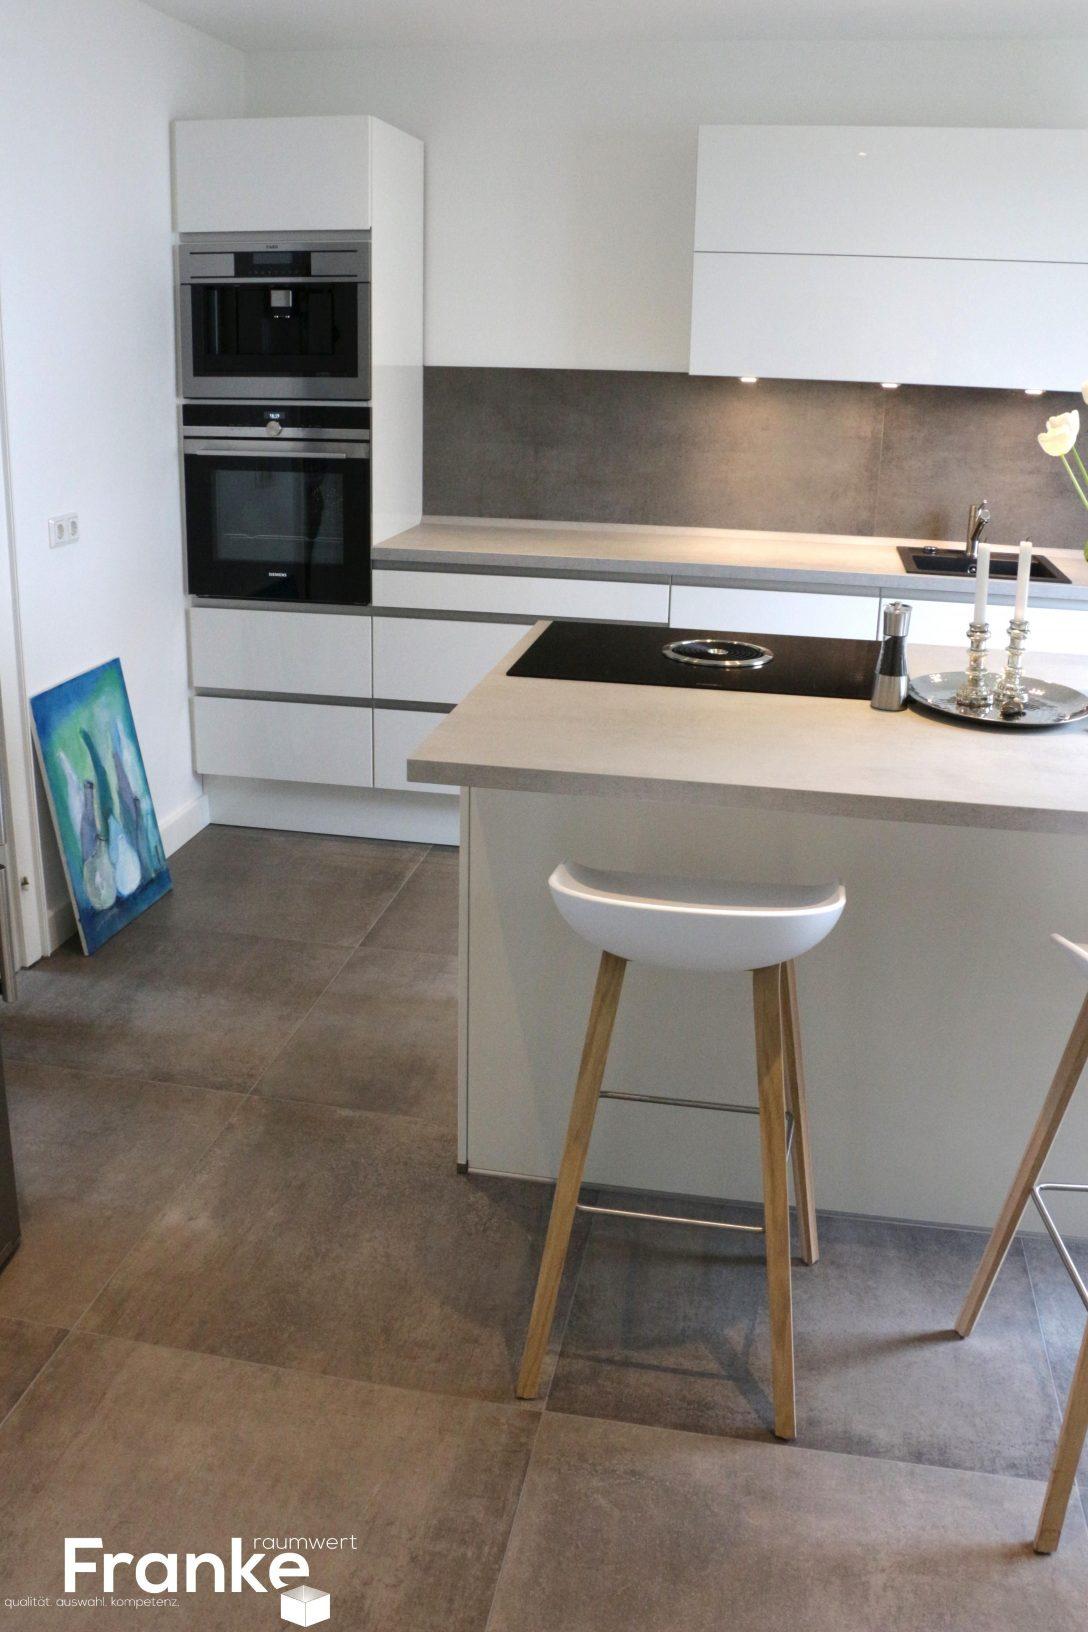 Large Size of Ikea Küche Fliesenspiegel Küche Fliesenspiegel Modern Küche Fliesenspiegel Folie Küche Fliesenspiegel Fliesen Küche Küche Fliesenspiegel